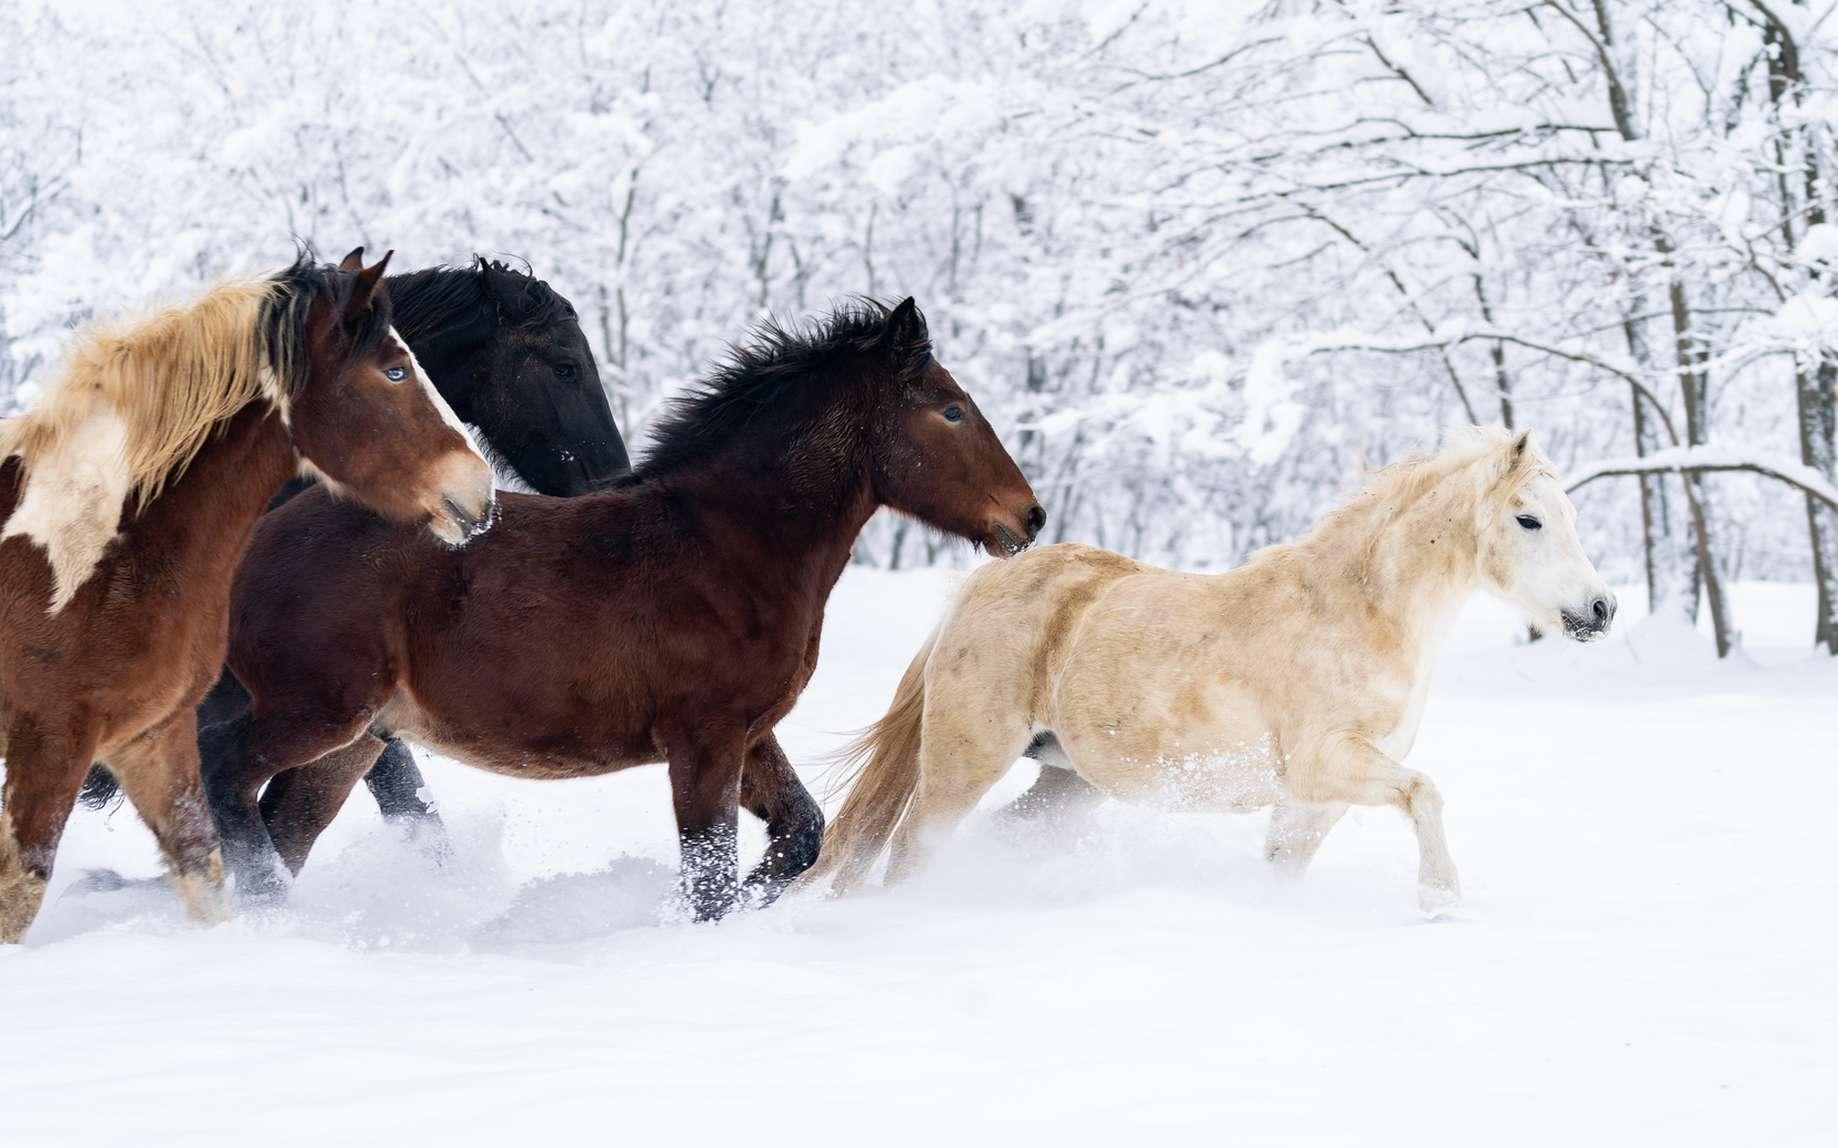 Les scientifiques cherchent à déterminer les origines du cheval domestique actuel et ils n'ont toujours pas de réponse. © Vali, Fotolia